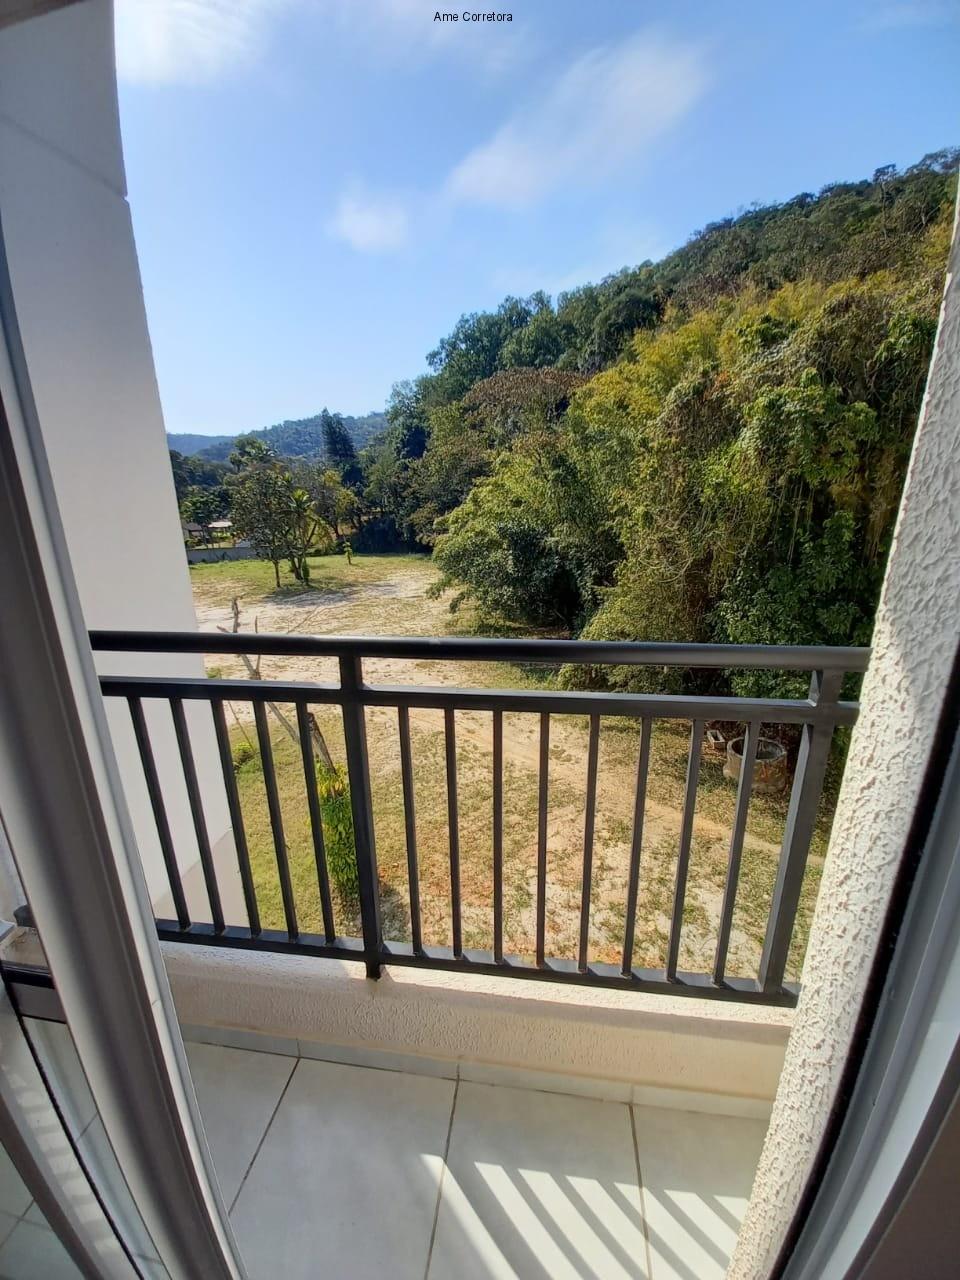 FOTO 07 - Apartamento 2 quartos à venda Taquara, Rio de Janeiro - R$ 270.000 - AP00389 - 8